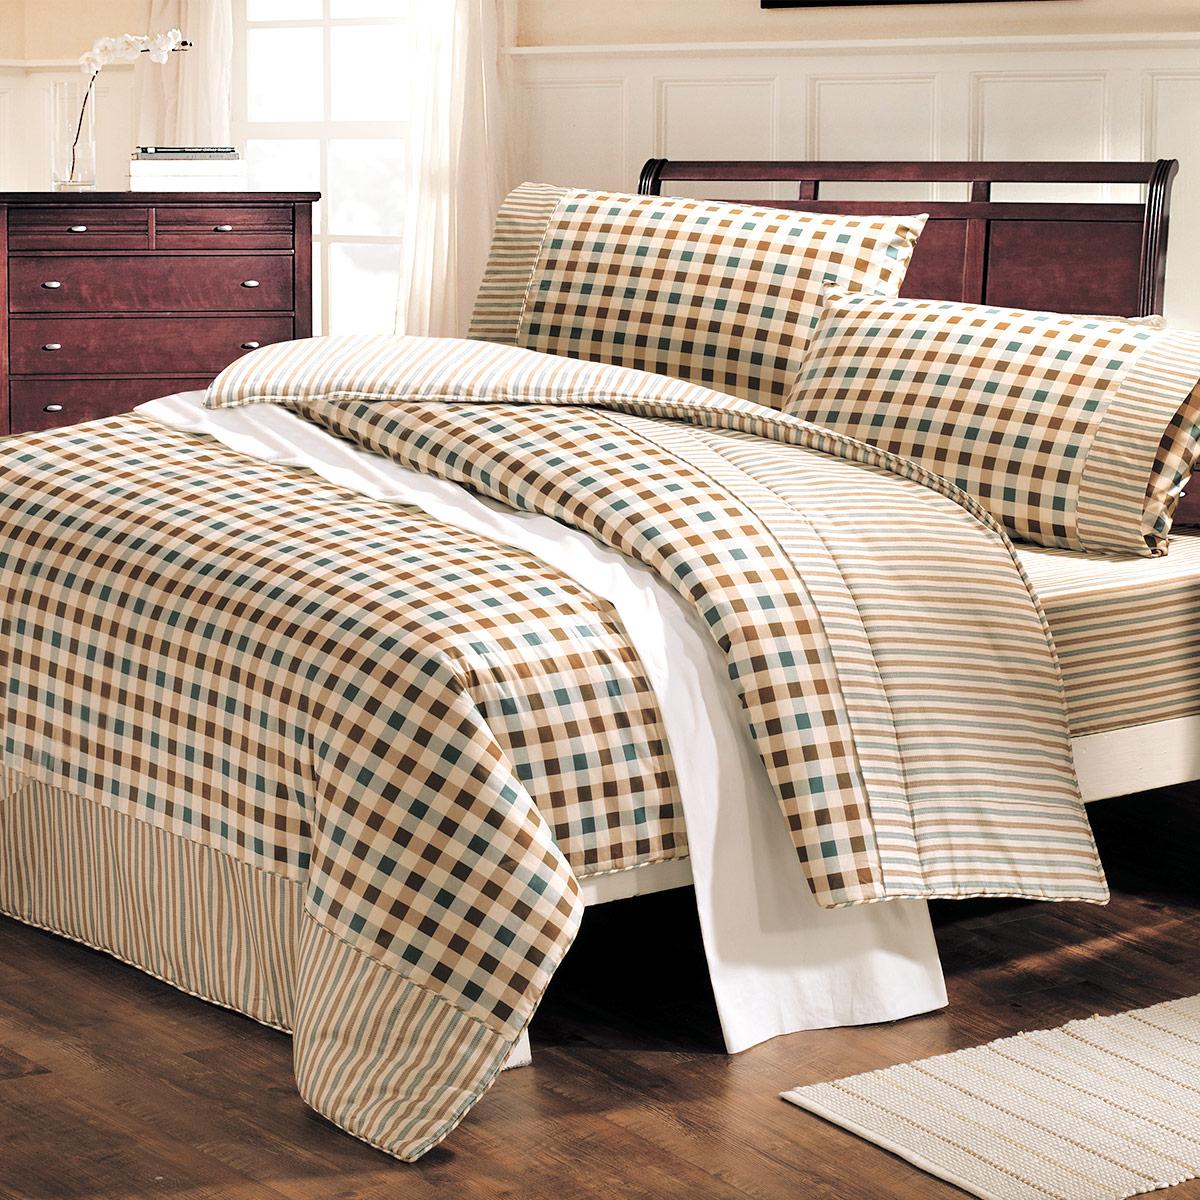 床包組/防蹣抗菌-雙人-100%精梳棉床包組/經典格紋/美國棉授權品牌-[鴻宇]台灣製-1799綠